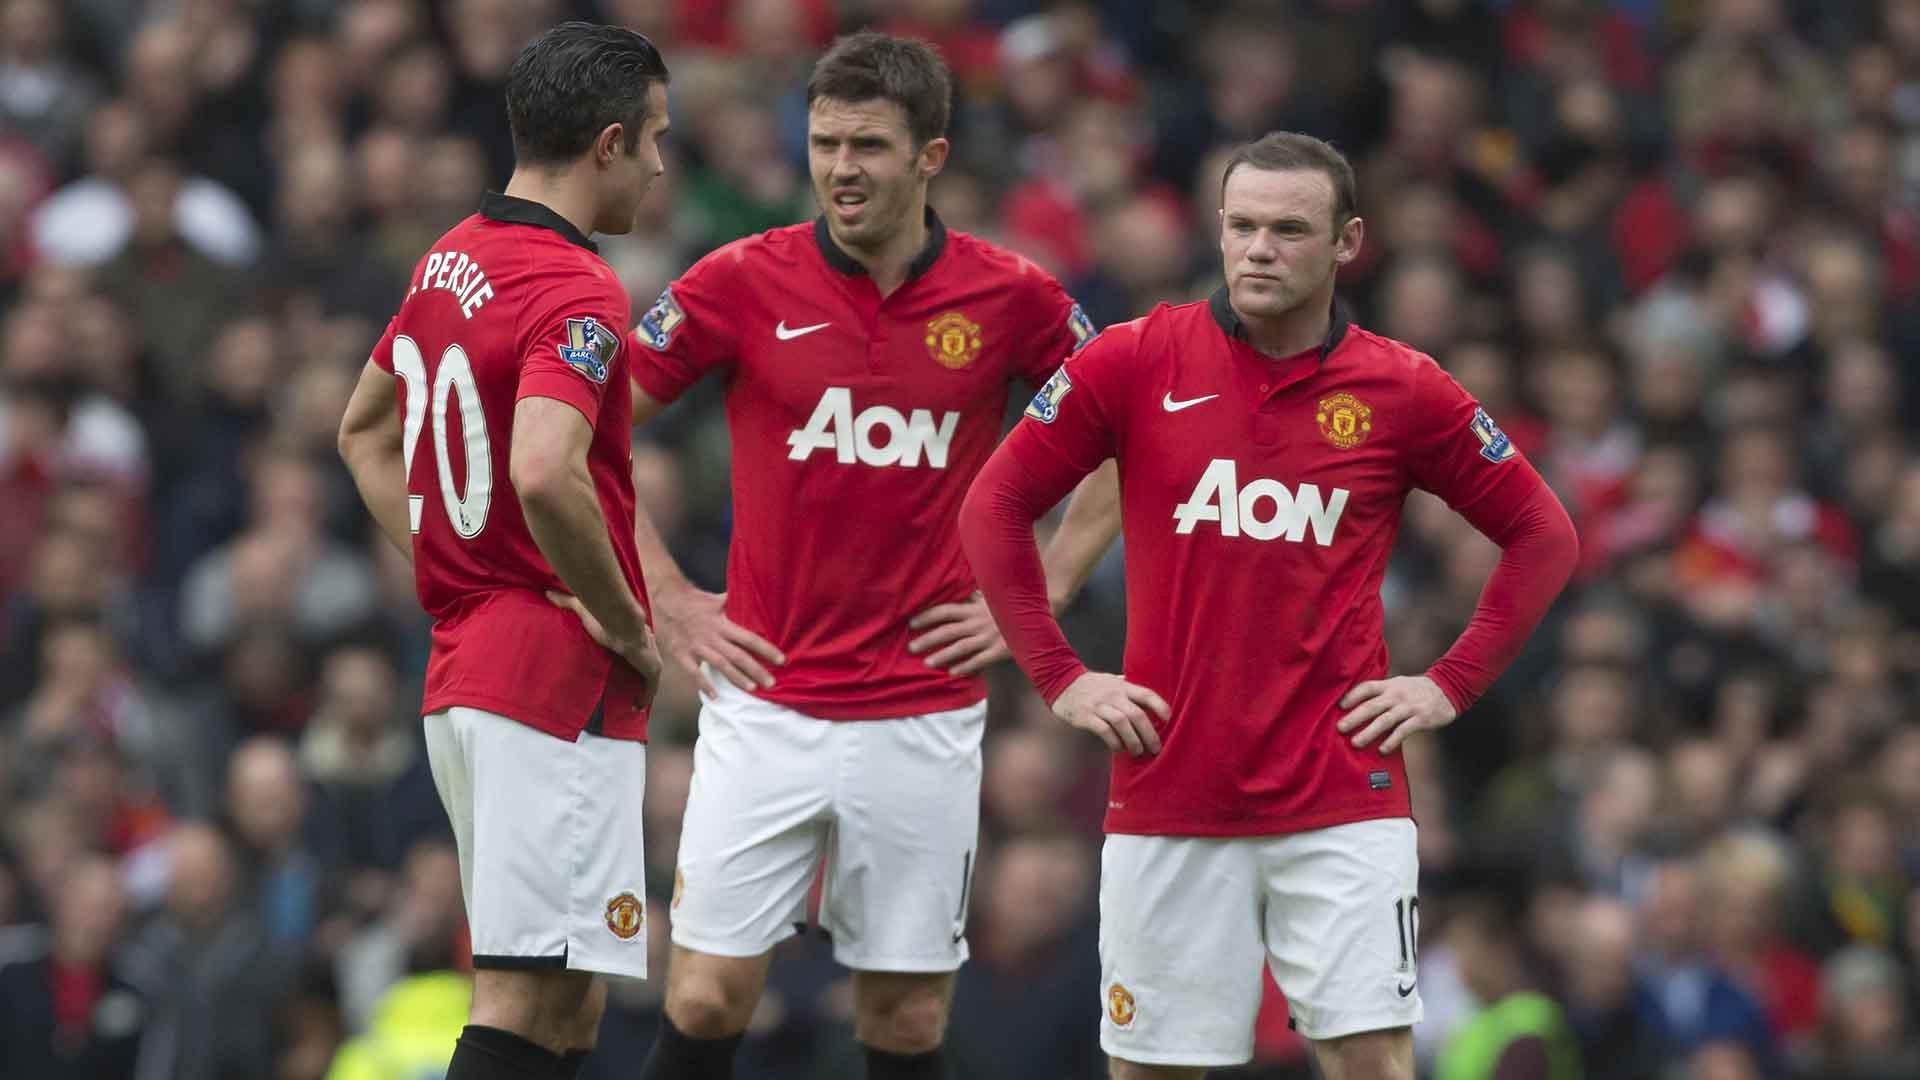 Manchester_United_FTR_03162014